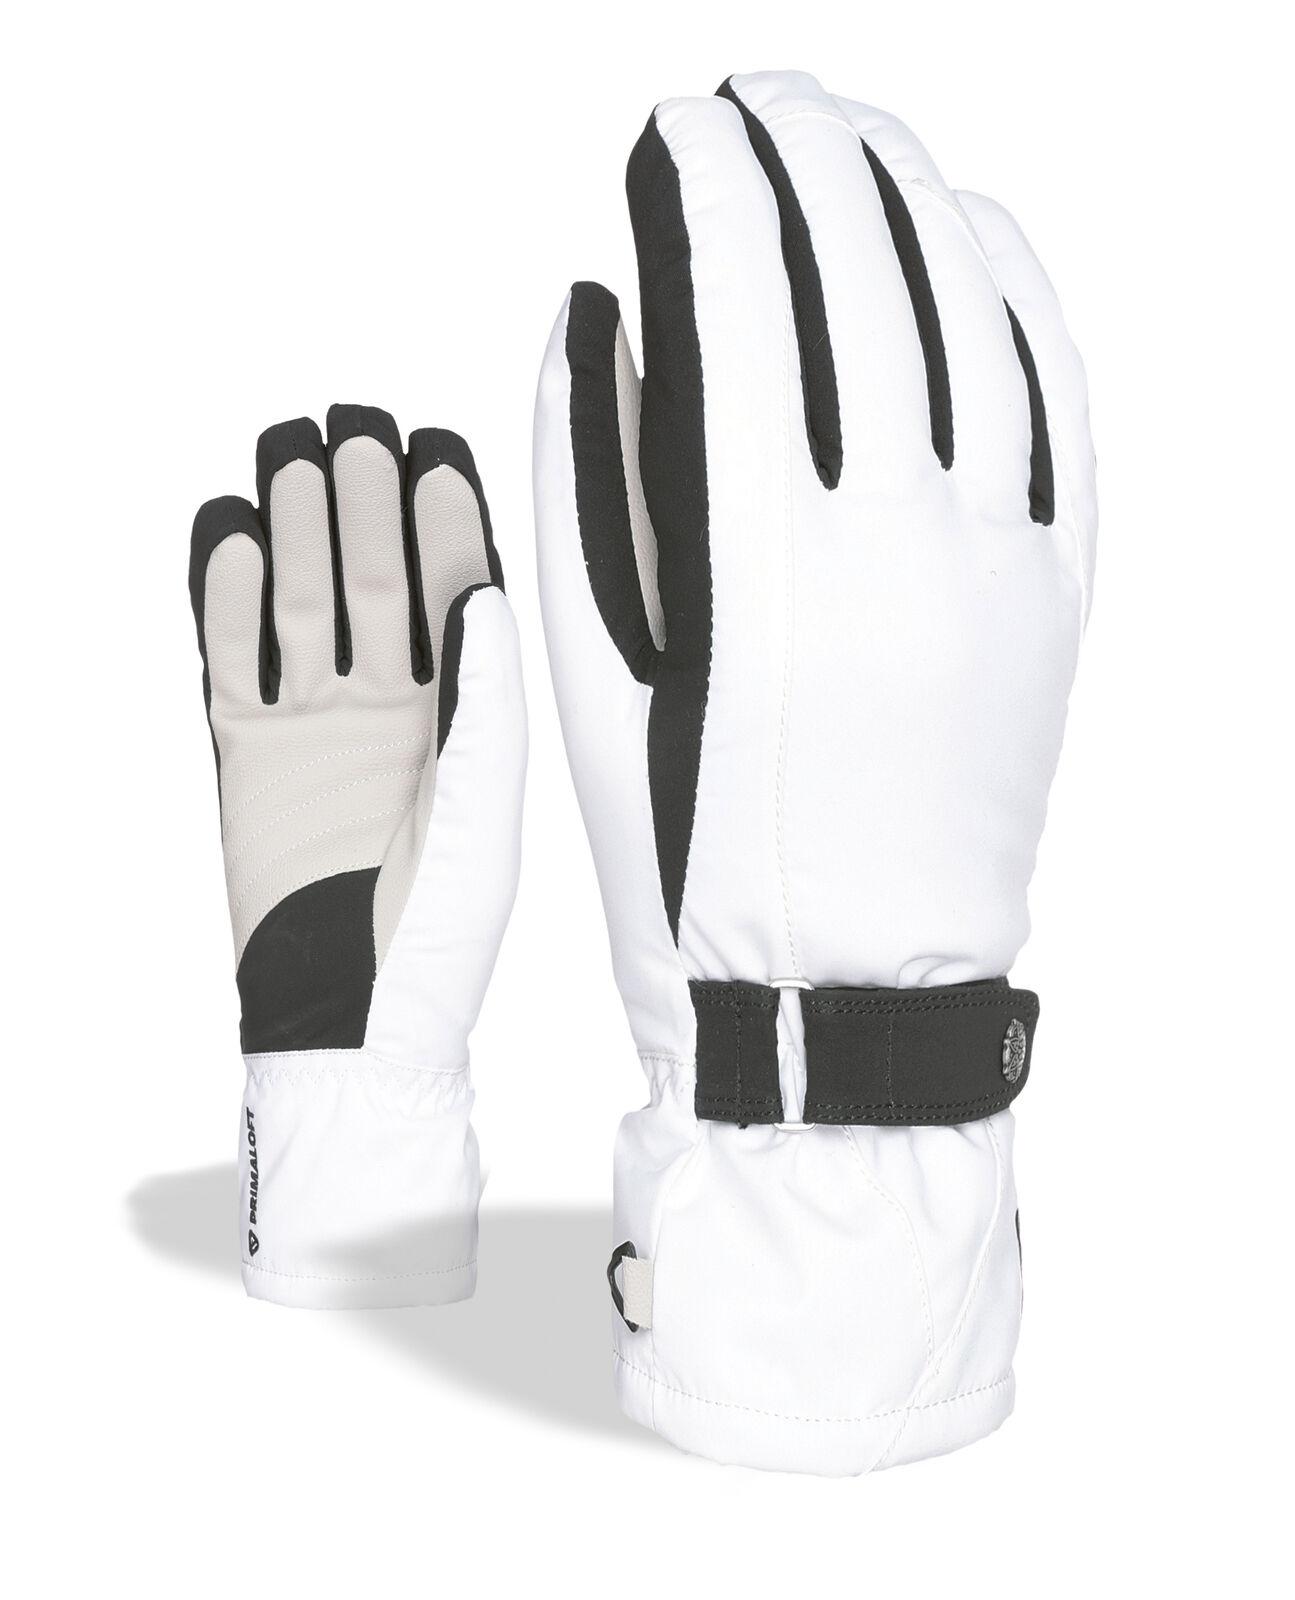 Level Handschuh Hero W Weiß wasserdicht atmungsaktiv wärmend